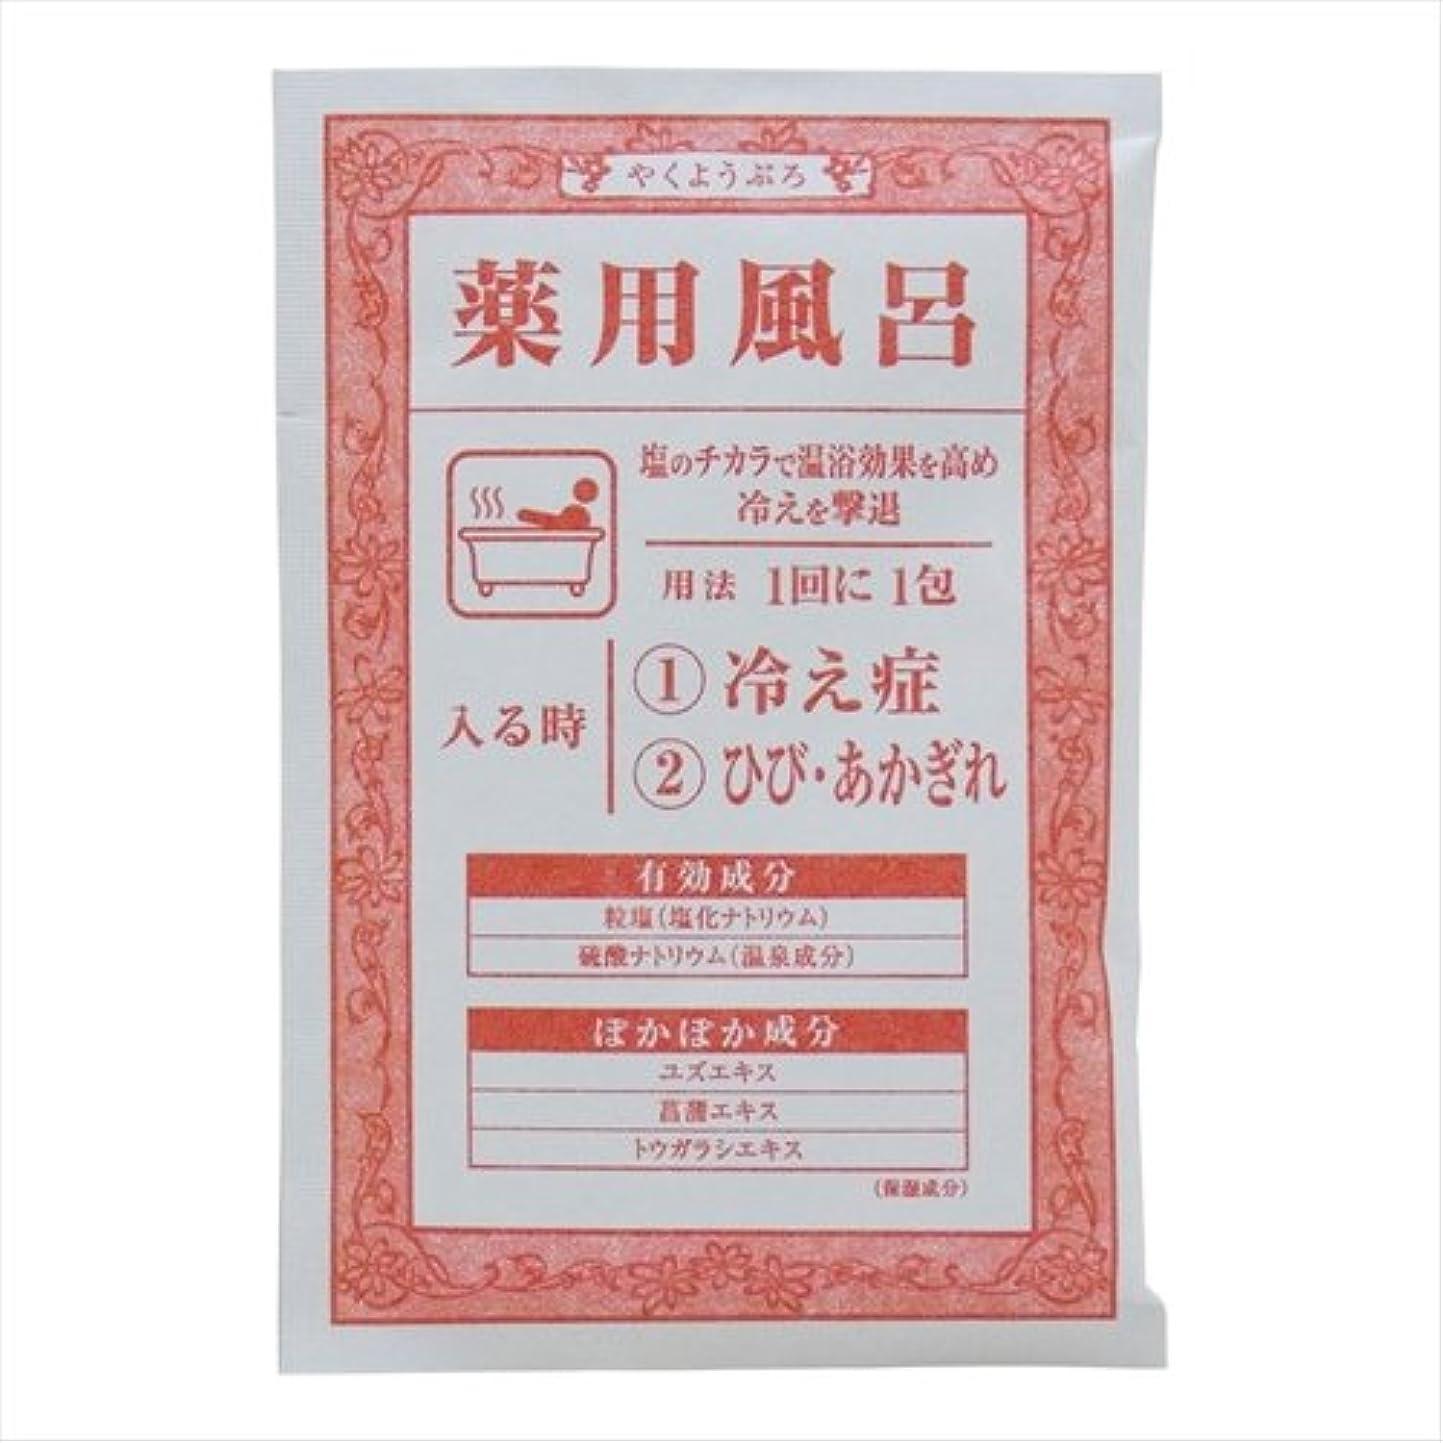 ネスト必需品摂氏薬用風呂 冷え症 1回分 40g